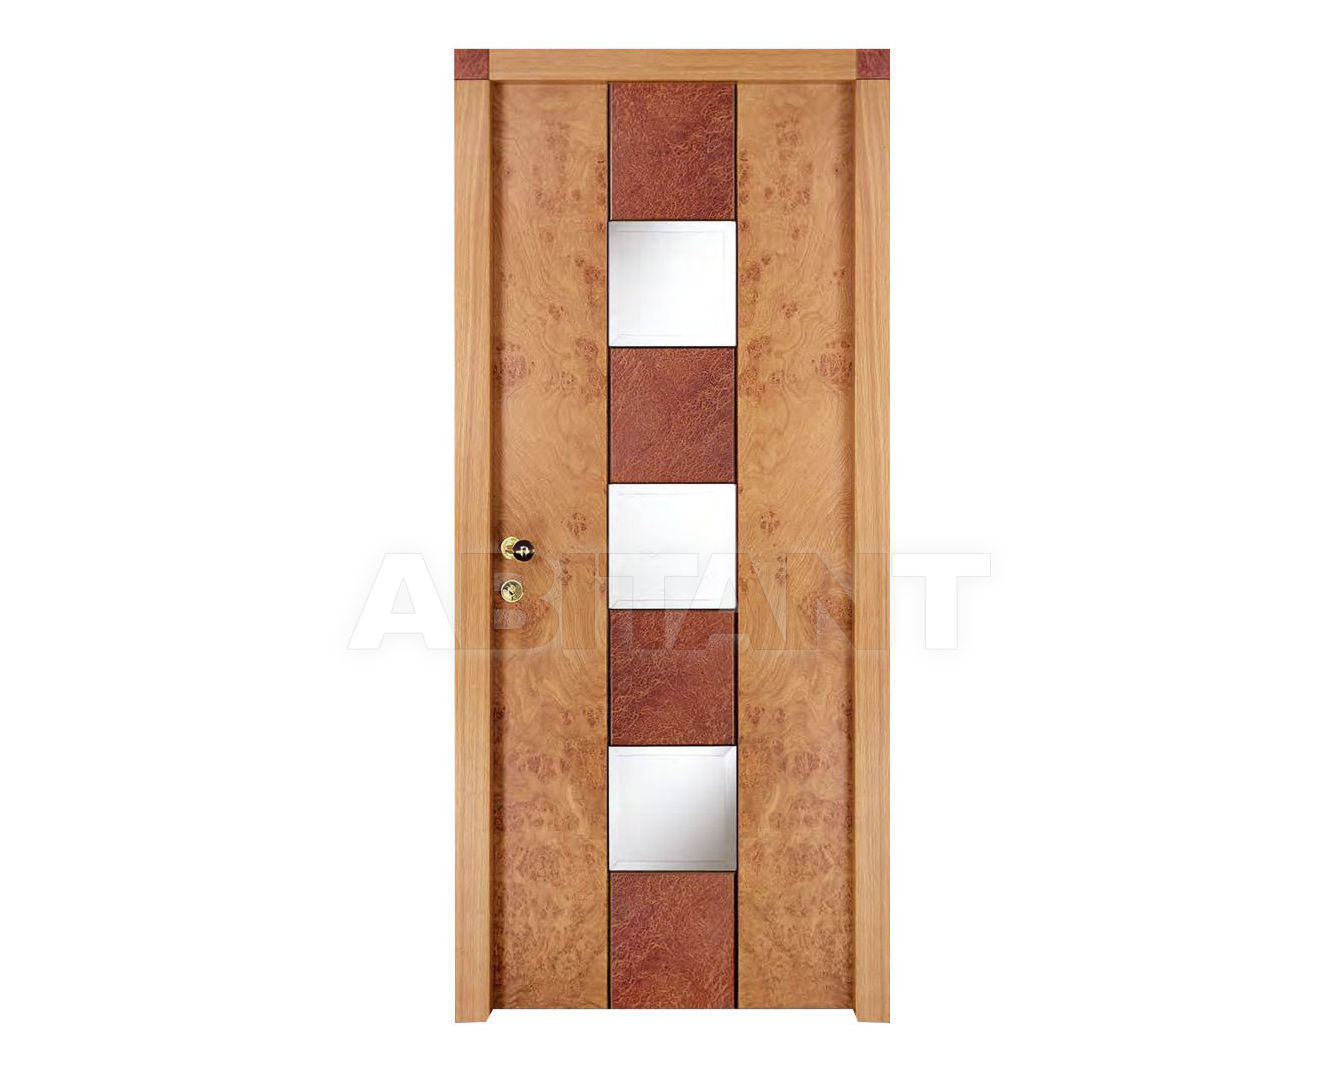 Купить Дверь деревянная Fioravazzi Lisce SARA CON FORMELLE